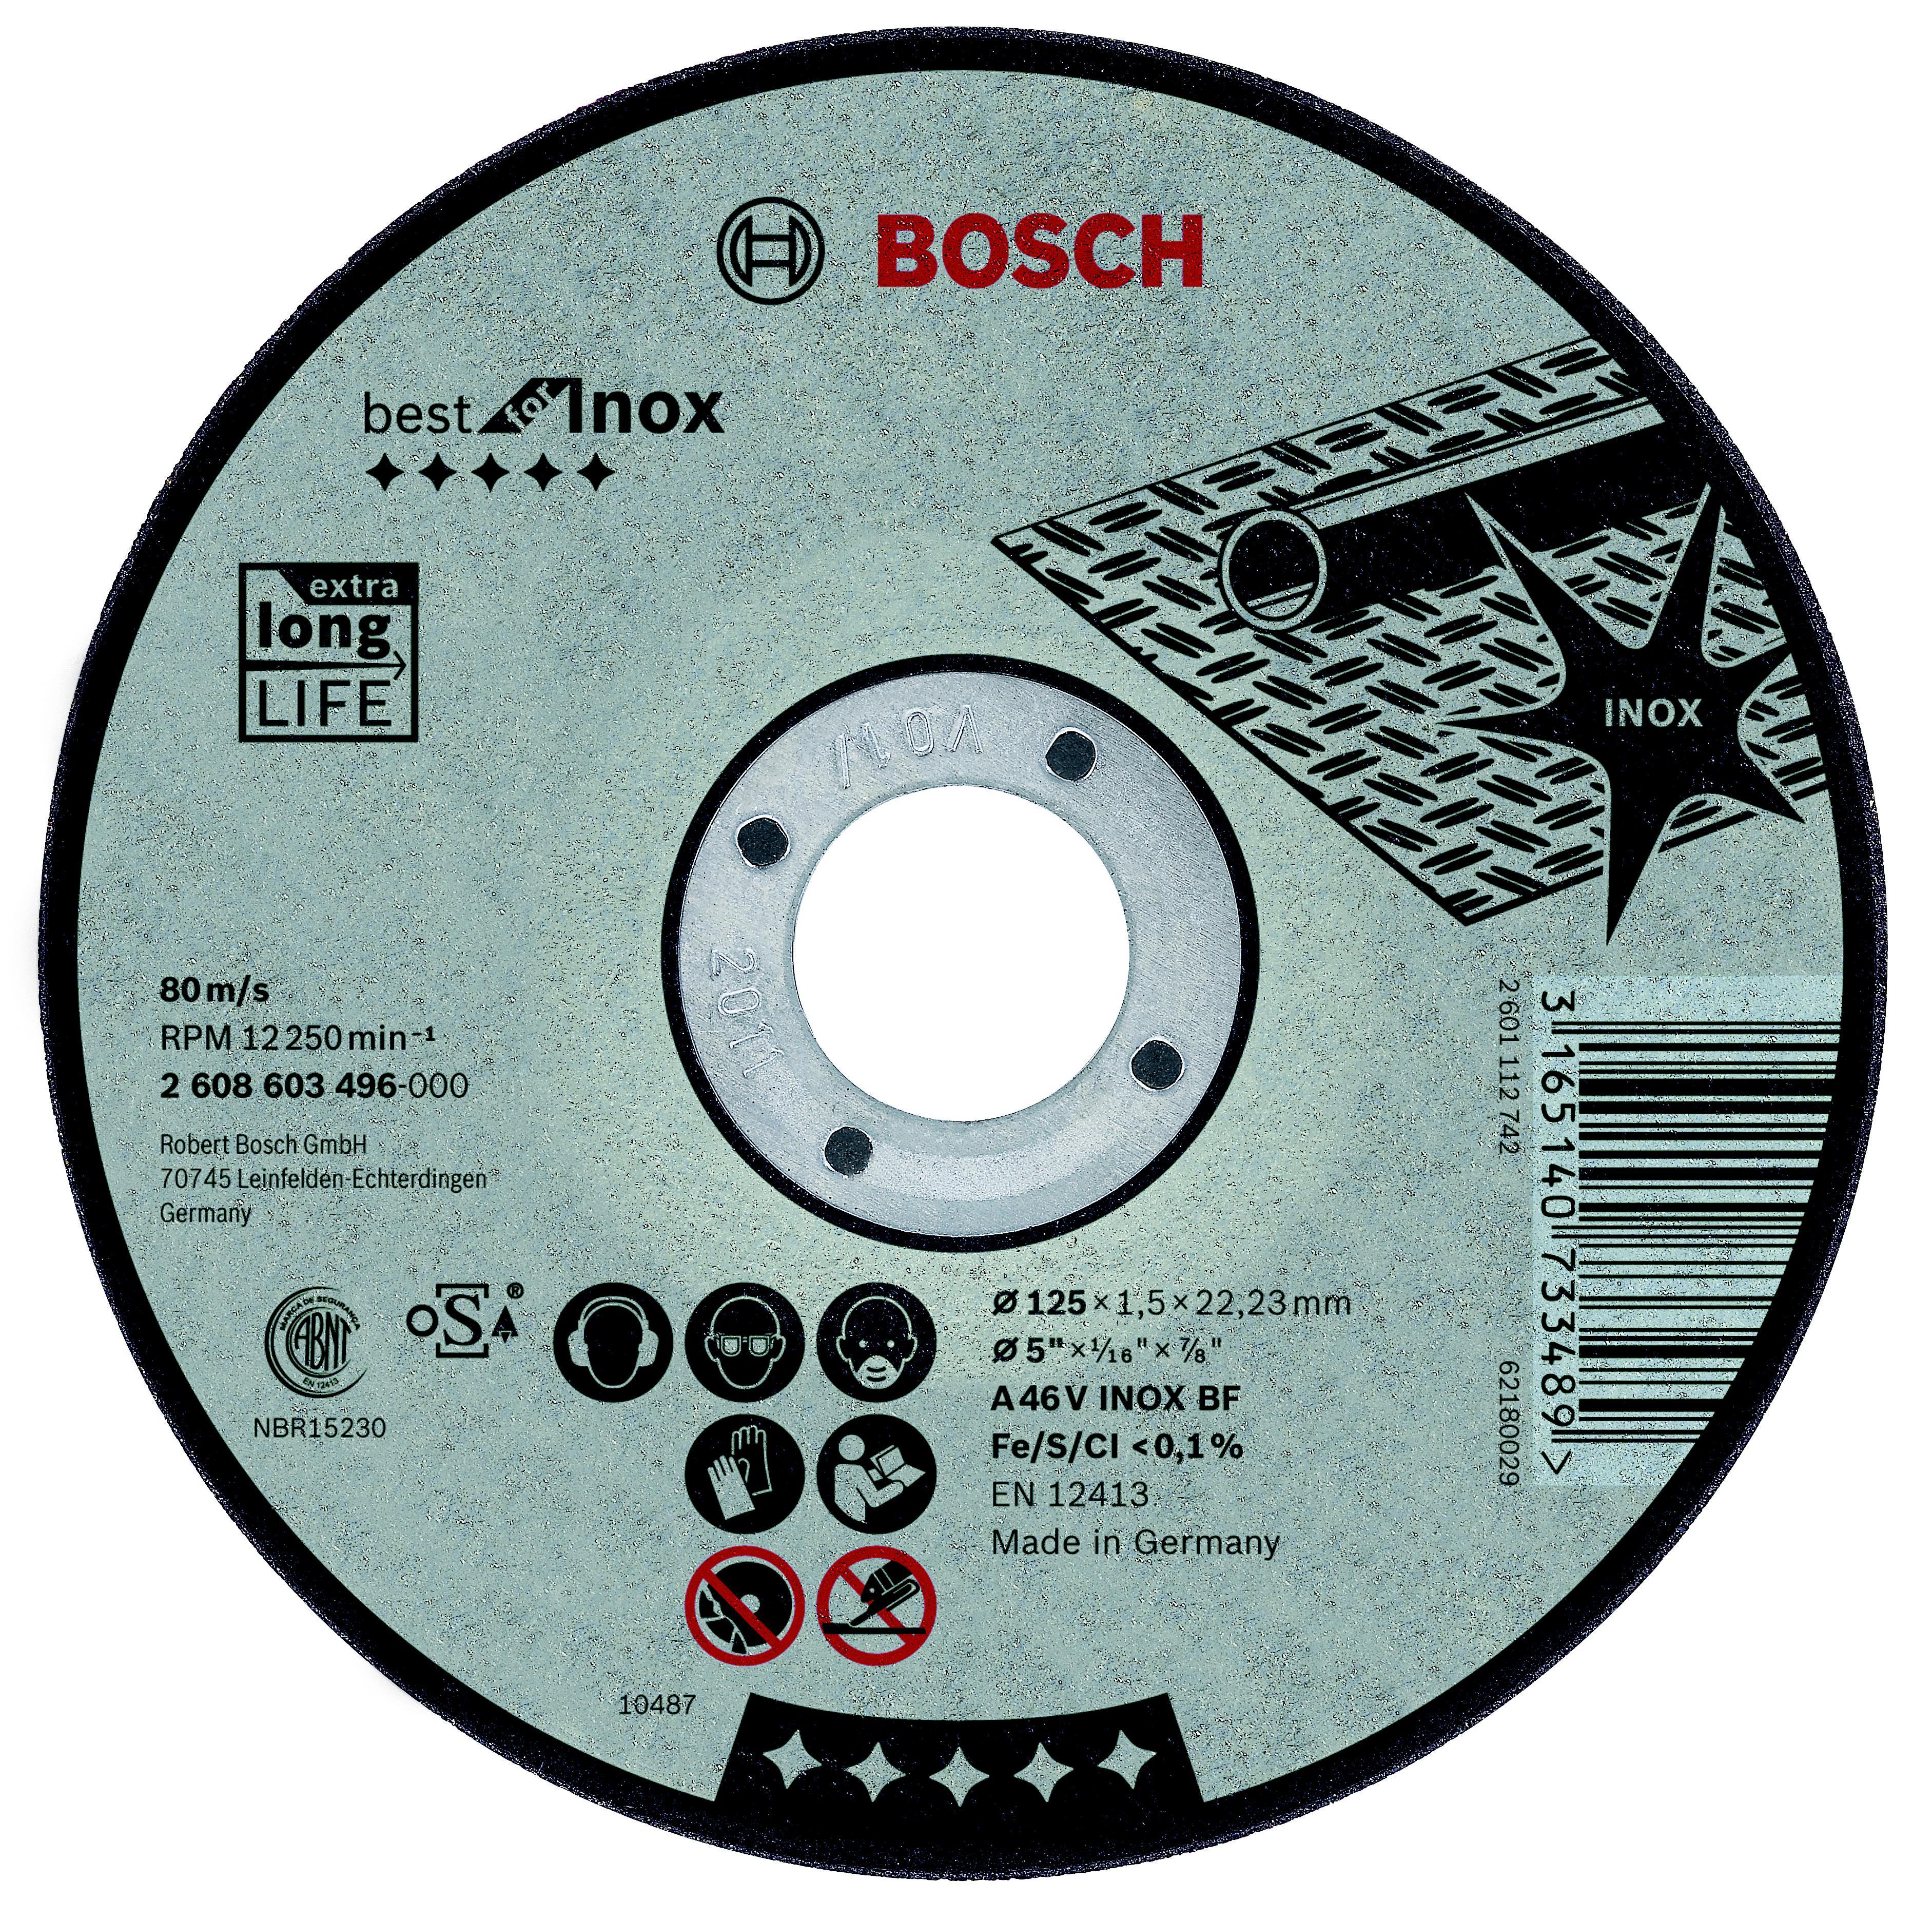 Круг отрезной Bosch Best for inox 115x2,5x22по нерж. (2.608.603.502) круг отрезной hammer flex 115 x 1 0 x 22 по металлу и нержавеющей стали 25шт